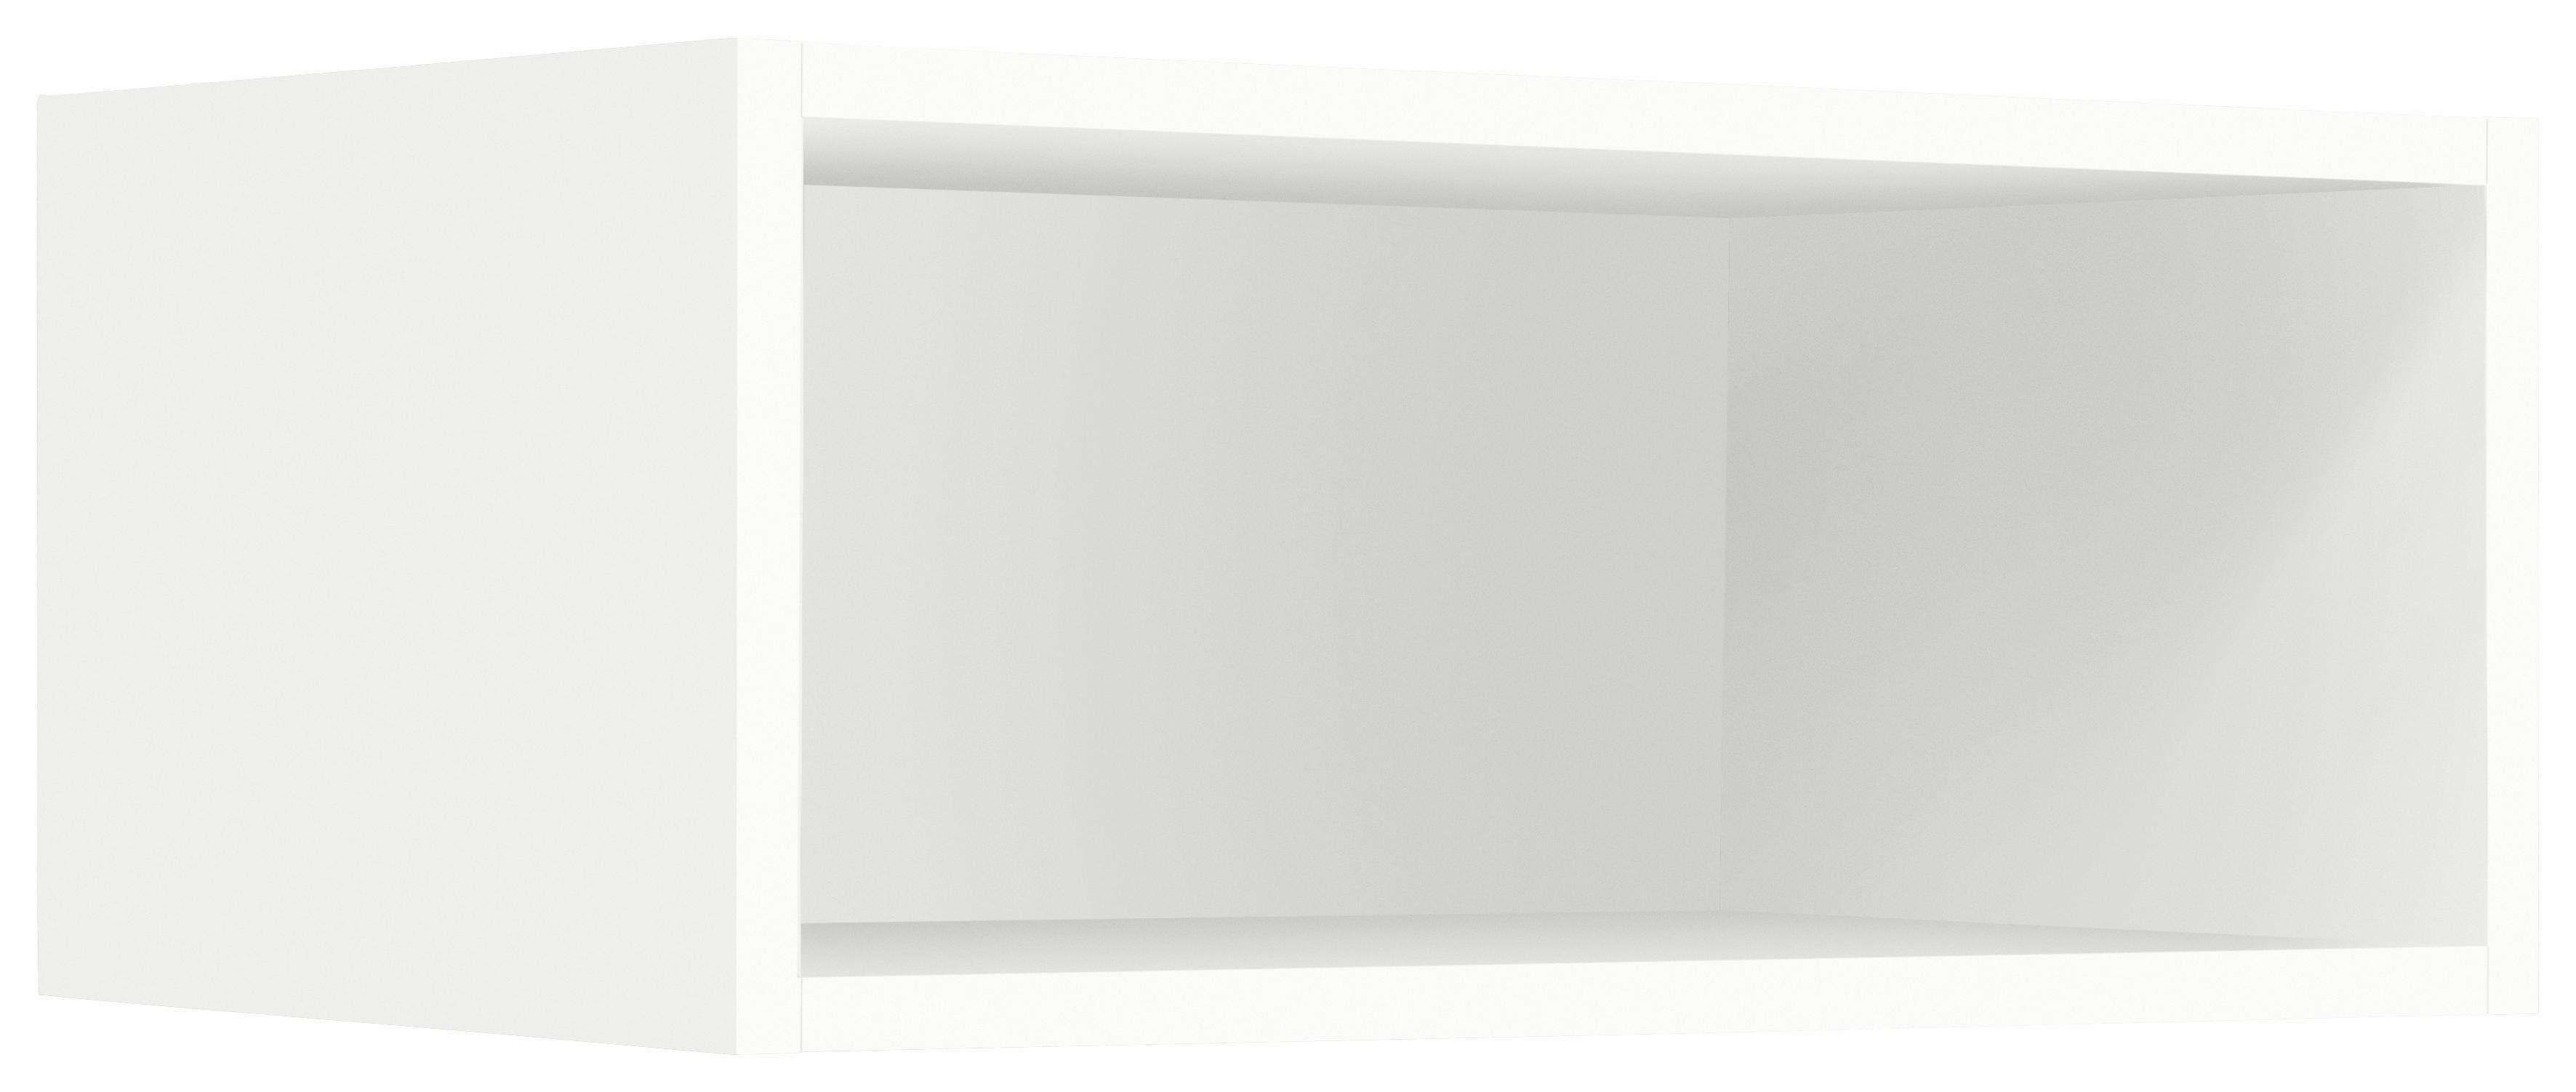 WIHO-Küchen Hängeregal »Flexi2«, Breite 50 cm | Küche und Esszimmer > Küchenregale > Küchen-Standregale | Weiß | Melamin | Wiho Küchen